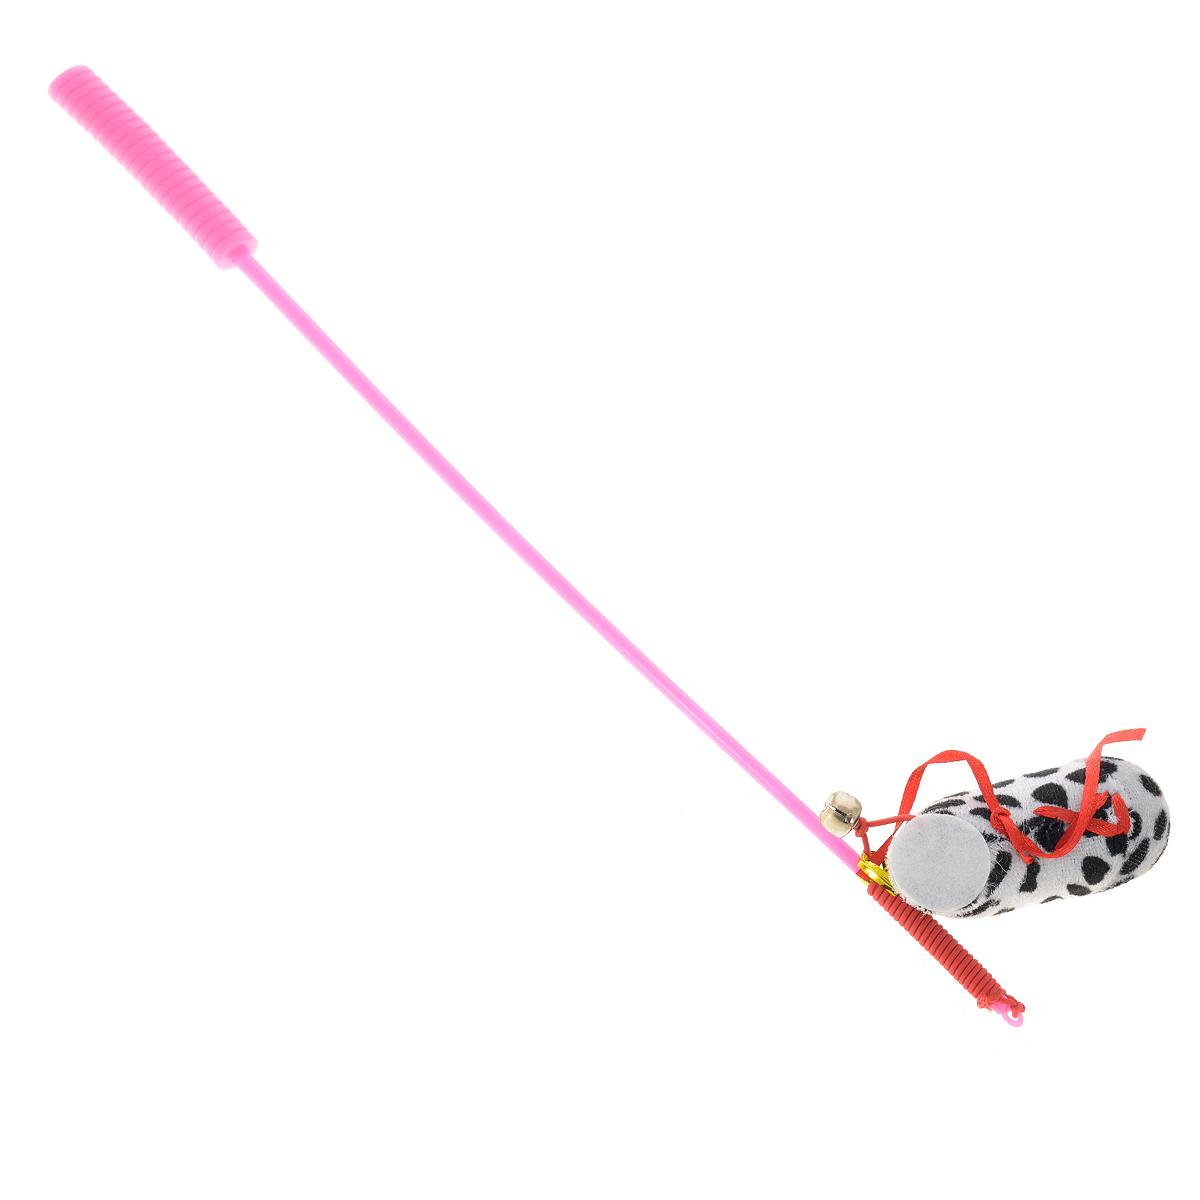 Дразнилка-удочка для кошек V.I.Pet Ботинок, с колокольчиком, цвет: розовый, белый, черный25916/641165Дразнилка-удочка для кошек V.I.Pet Ботинок, изготовленная из текстиля и пластика, прекрасно подойдет для веселых игр вашего пушистого любимца. Играя с этой забавной дразнилкой, маленькие котята развиваются физически, а взрослые кошки и коты поддерживают свой мышечный тонус. Яркая игрушка на конце удочки сразу привлечет внимание вашего любимца, не навредит здоровью и увлечет его на долгое время. Длина удочки: 37 см.Размер игрушки: 8 см х 4 см х 2,5 см.